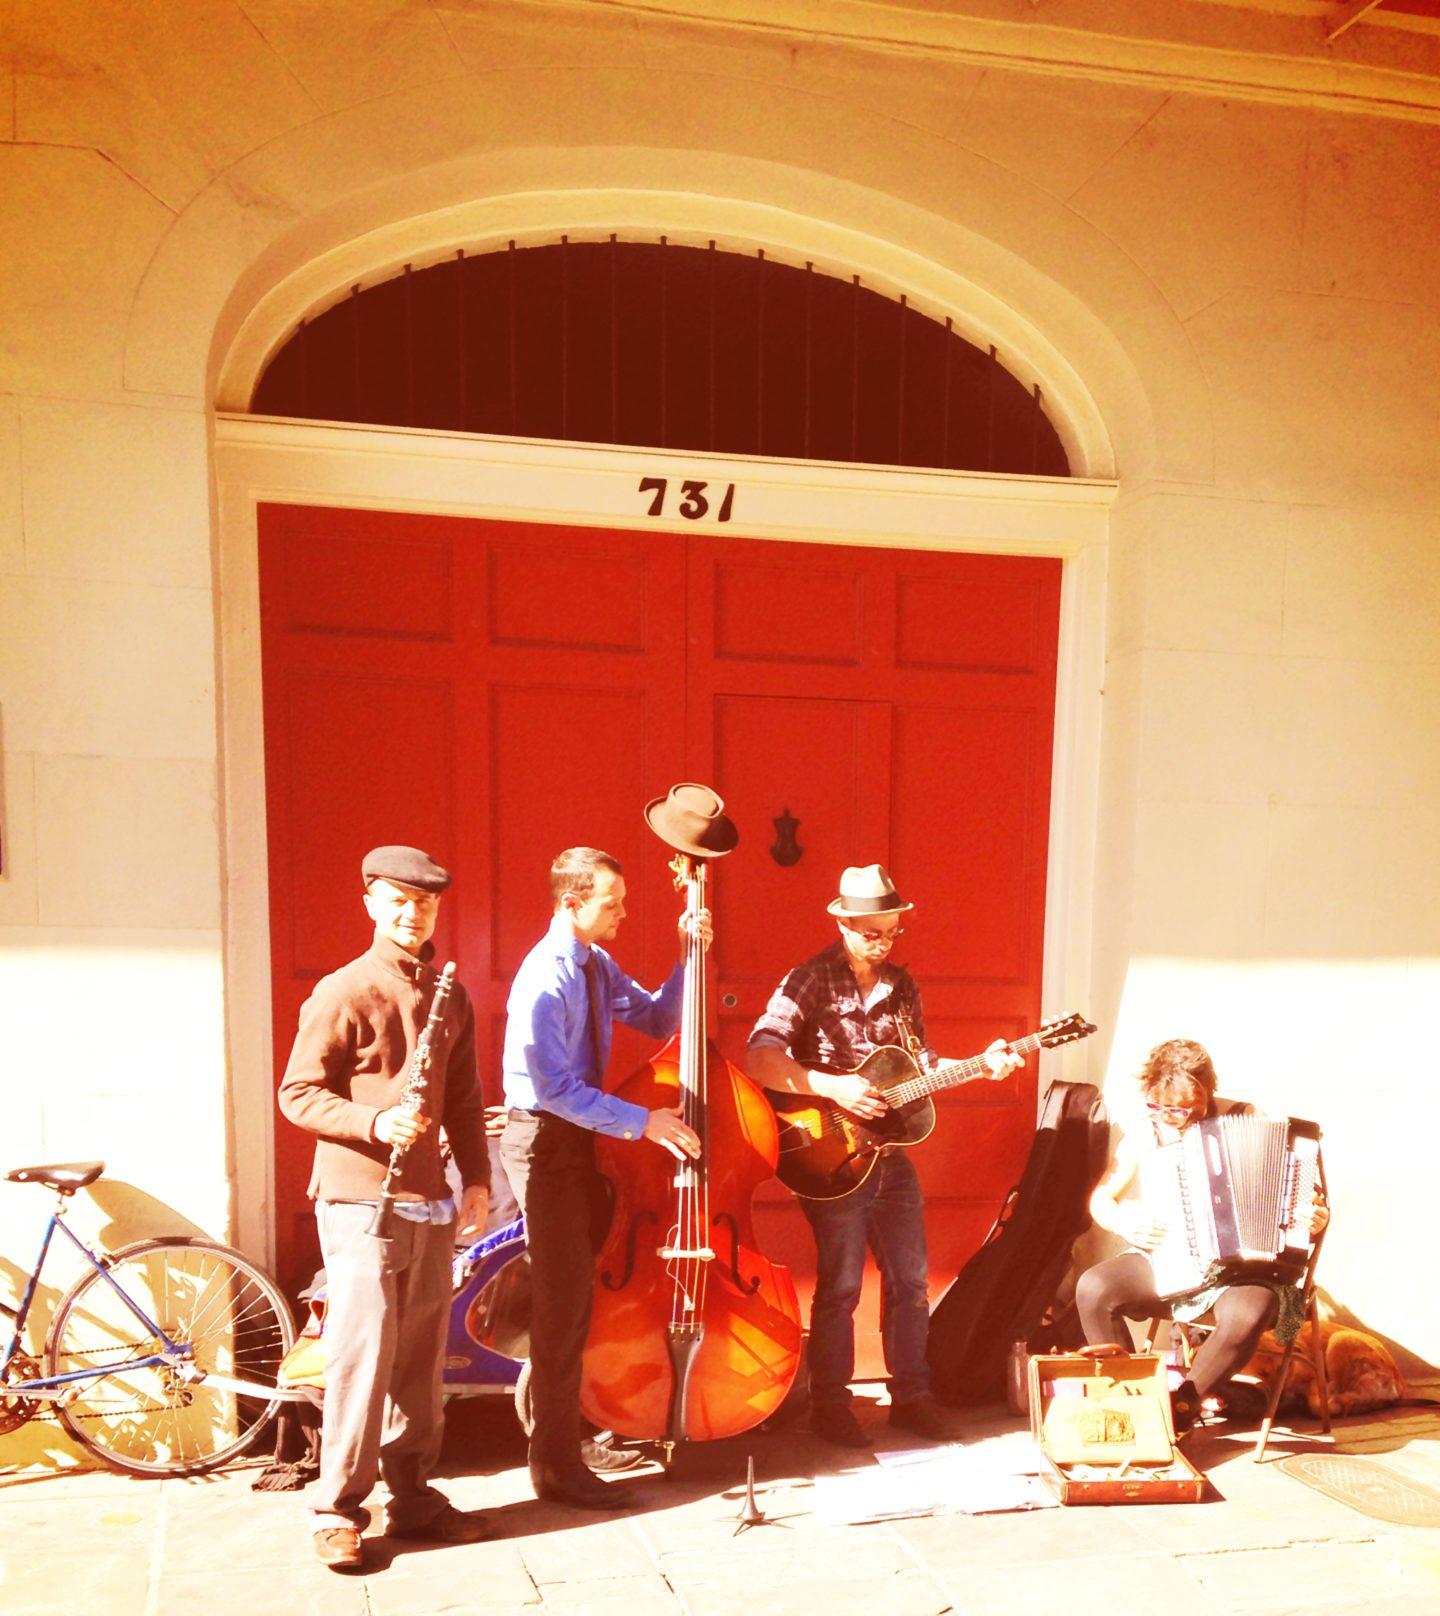 New Orleans Weekend Getaway | Part 2